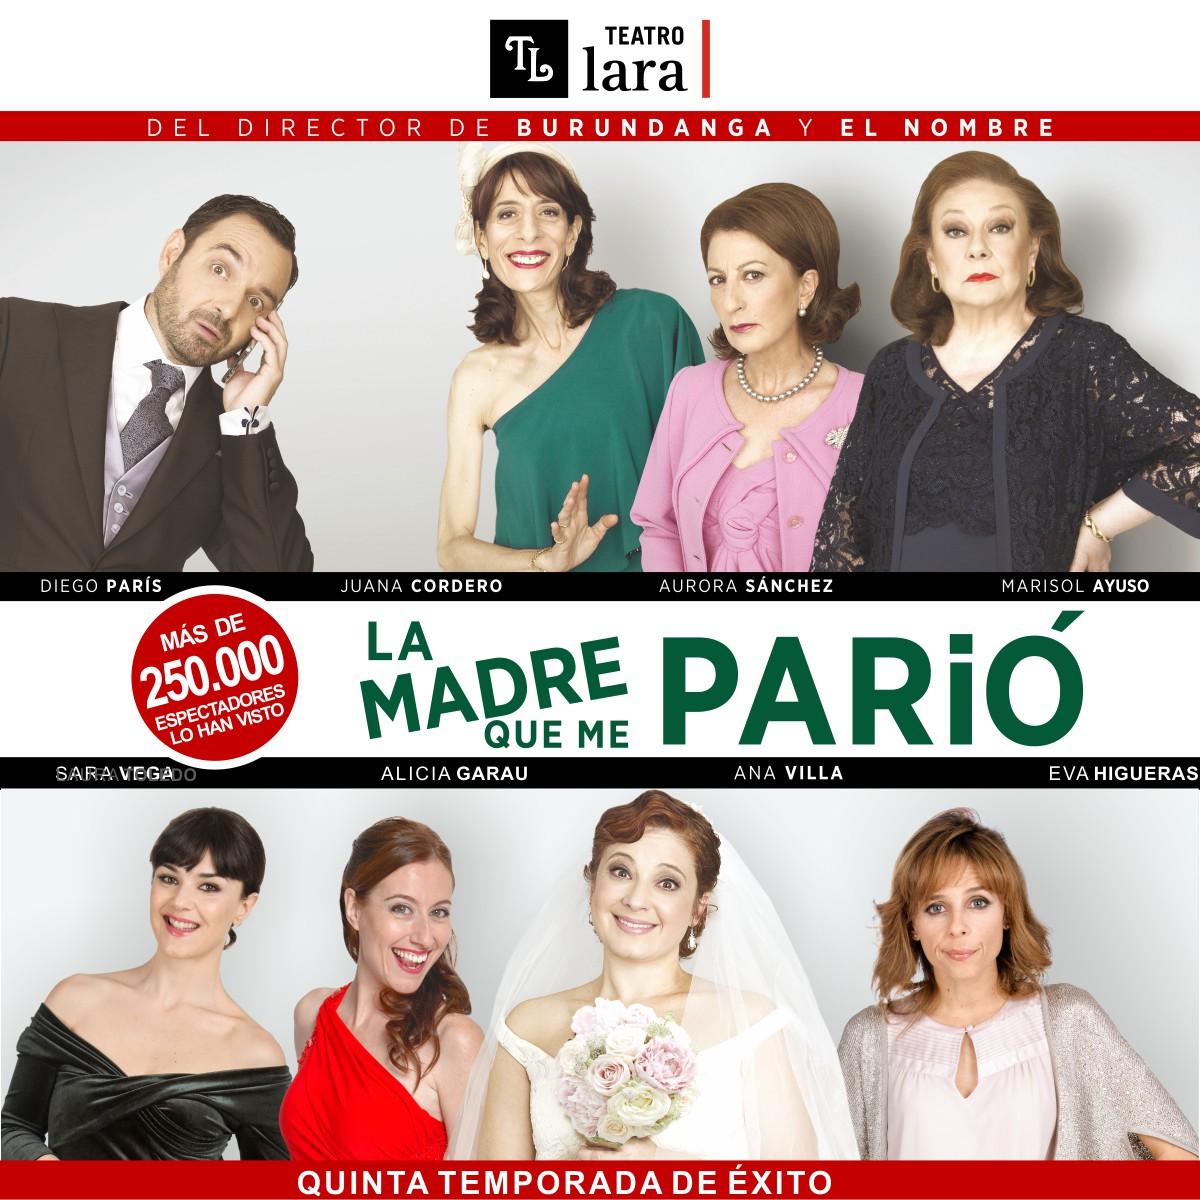 LA MADRE QUE ME PARIÓ en el Pequeño Teatro Lara, Madird es teatro copia